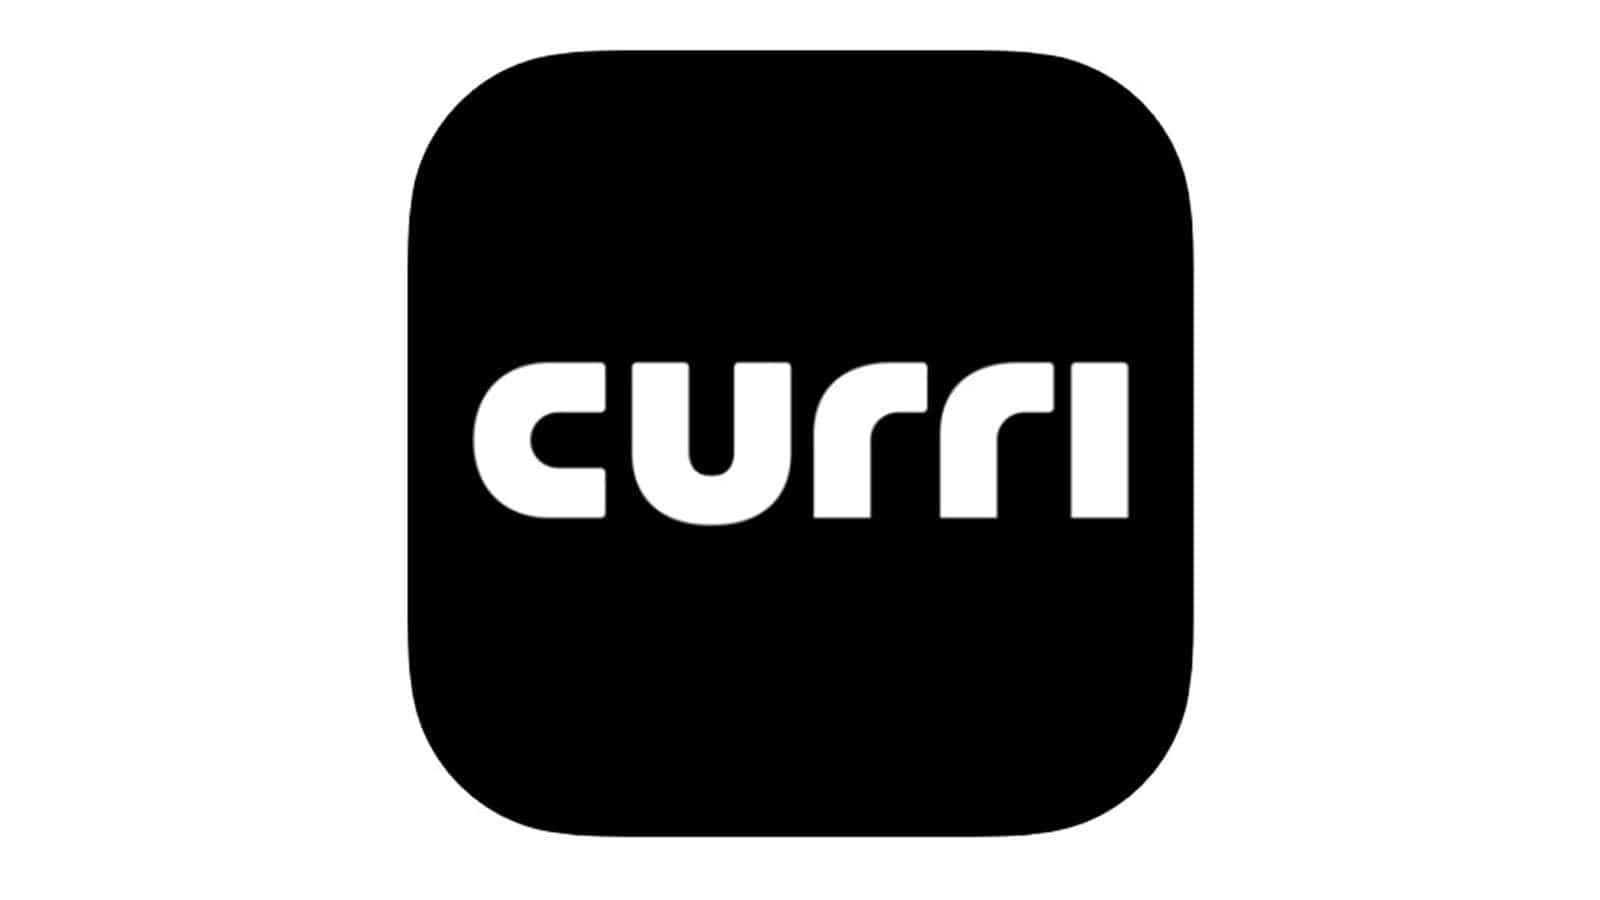 Curri 現場もIT活用の時代へ、Uberスタイルの新たな資材輸送サービス